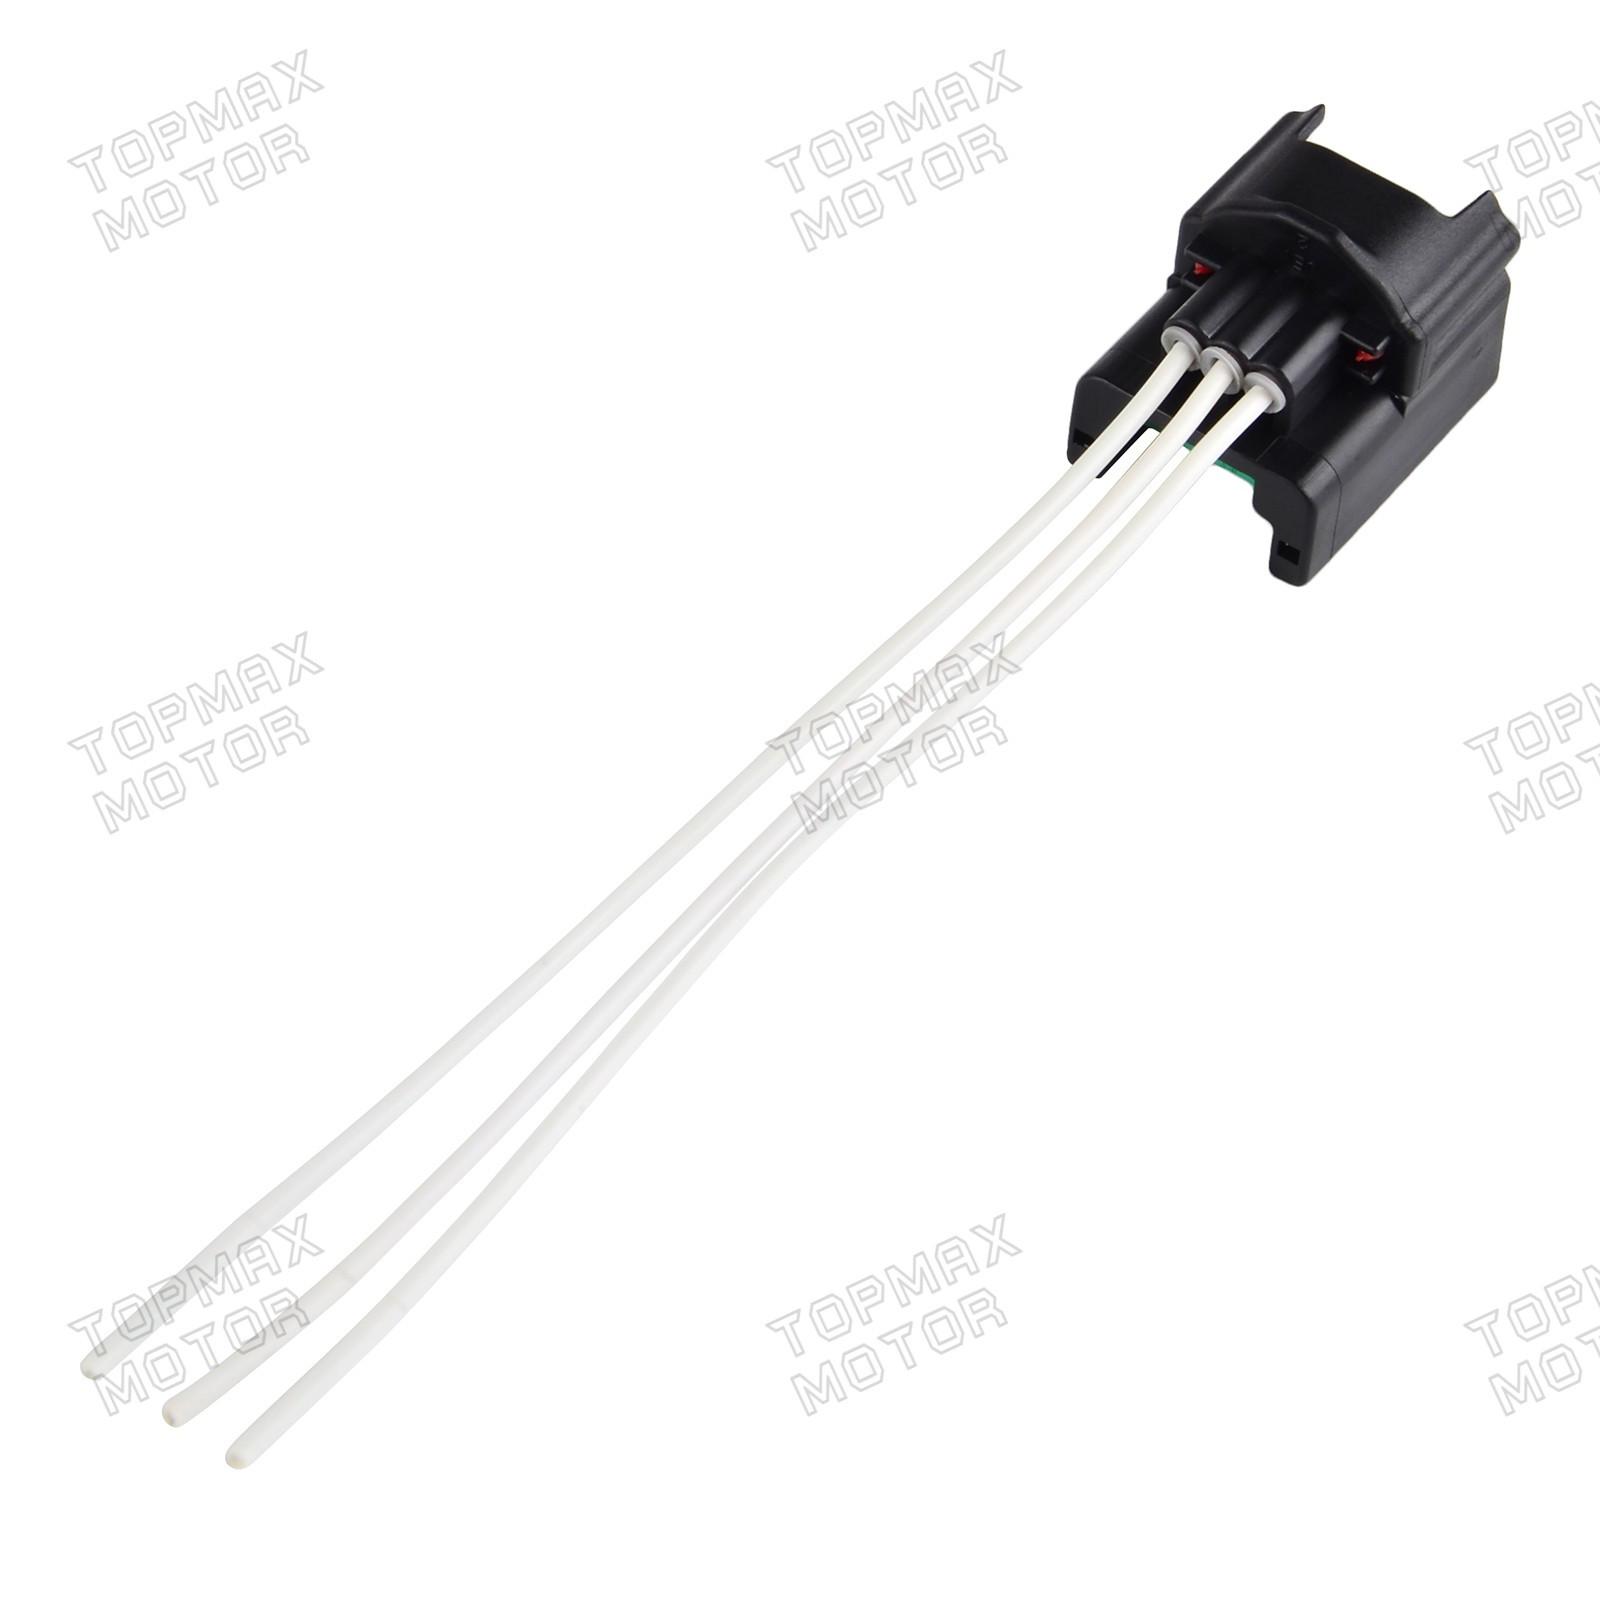 Details about Camshaft Position Sensor Connector Plug Harness For Nissan  3 5L V6 VQ35DE New